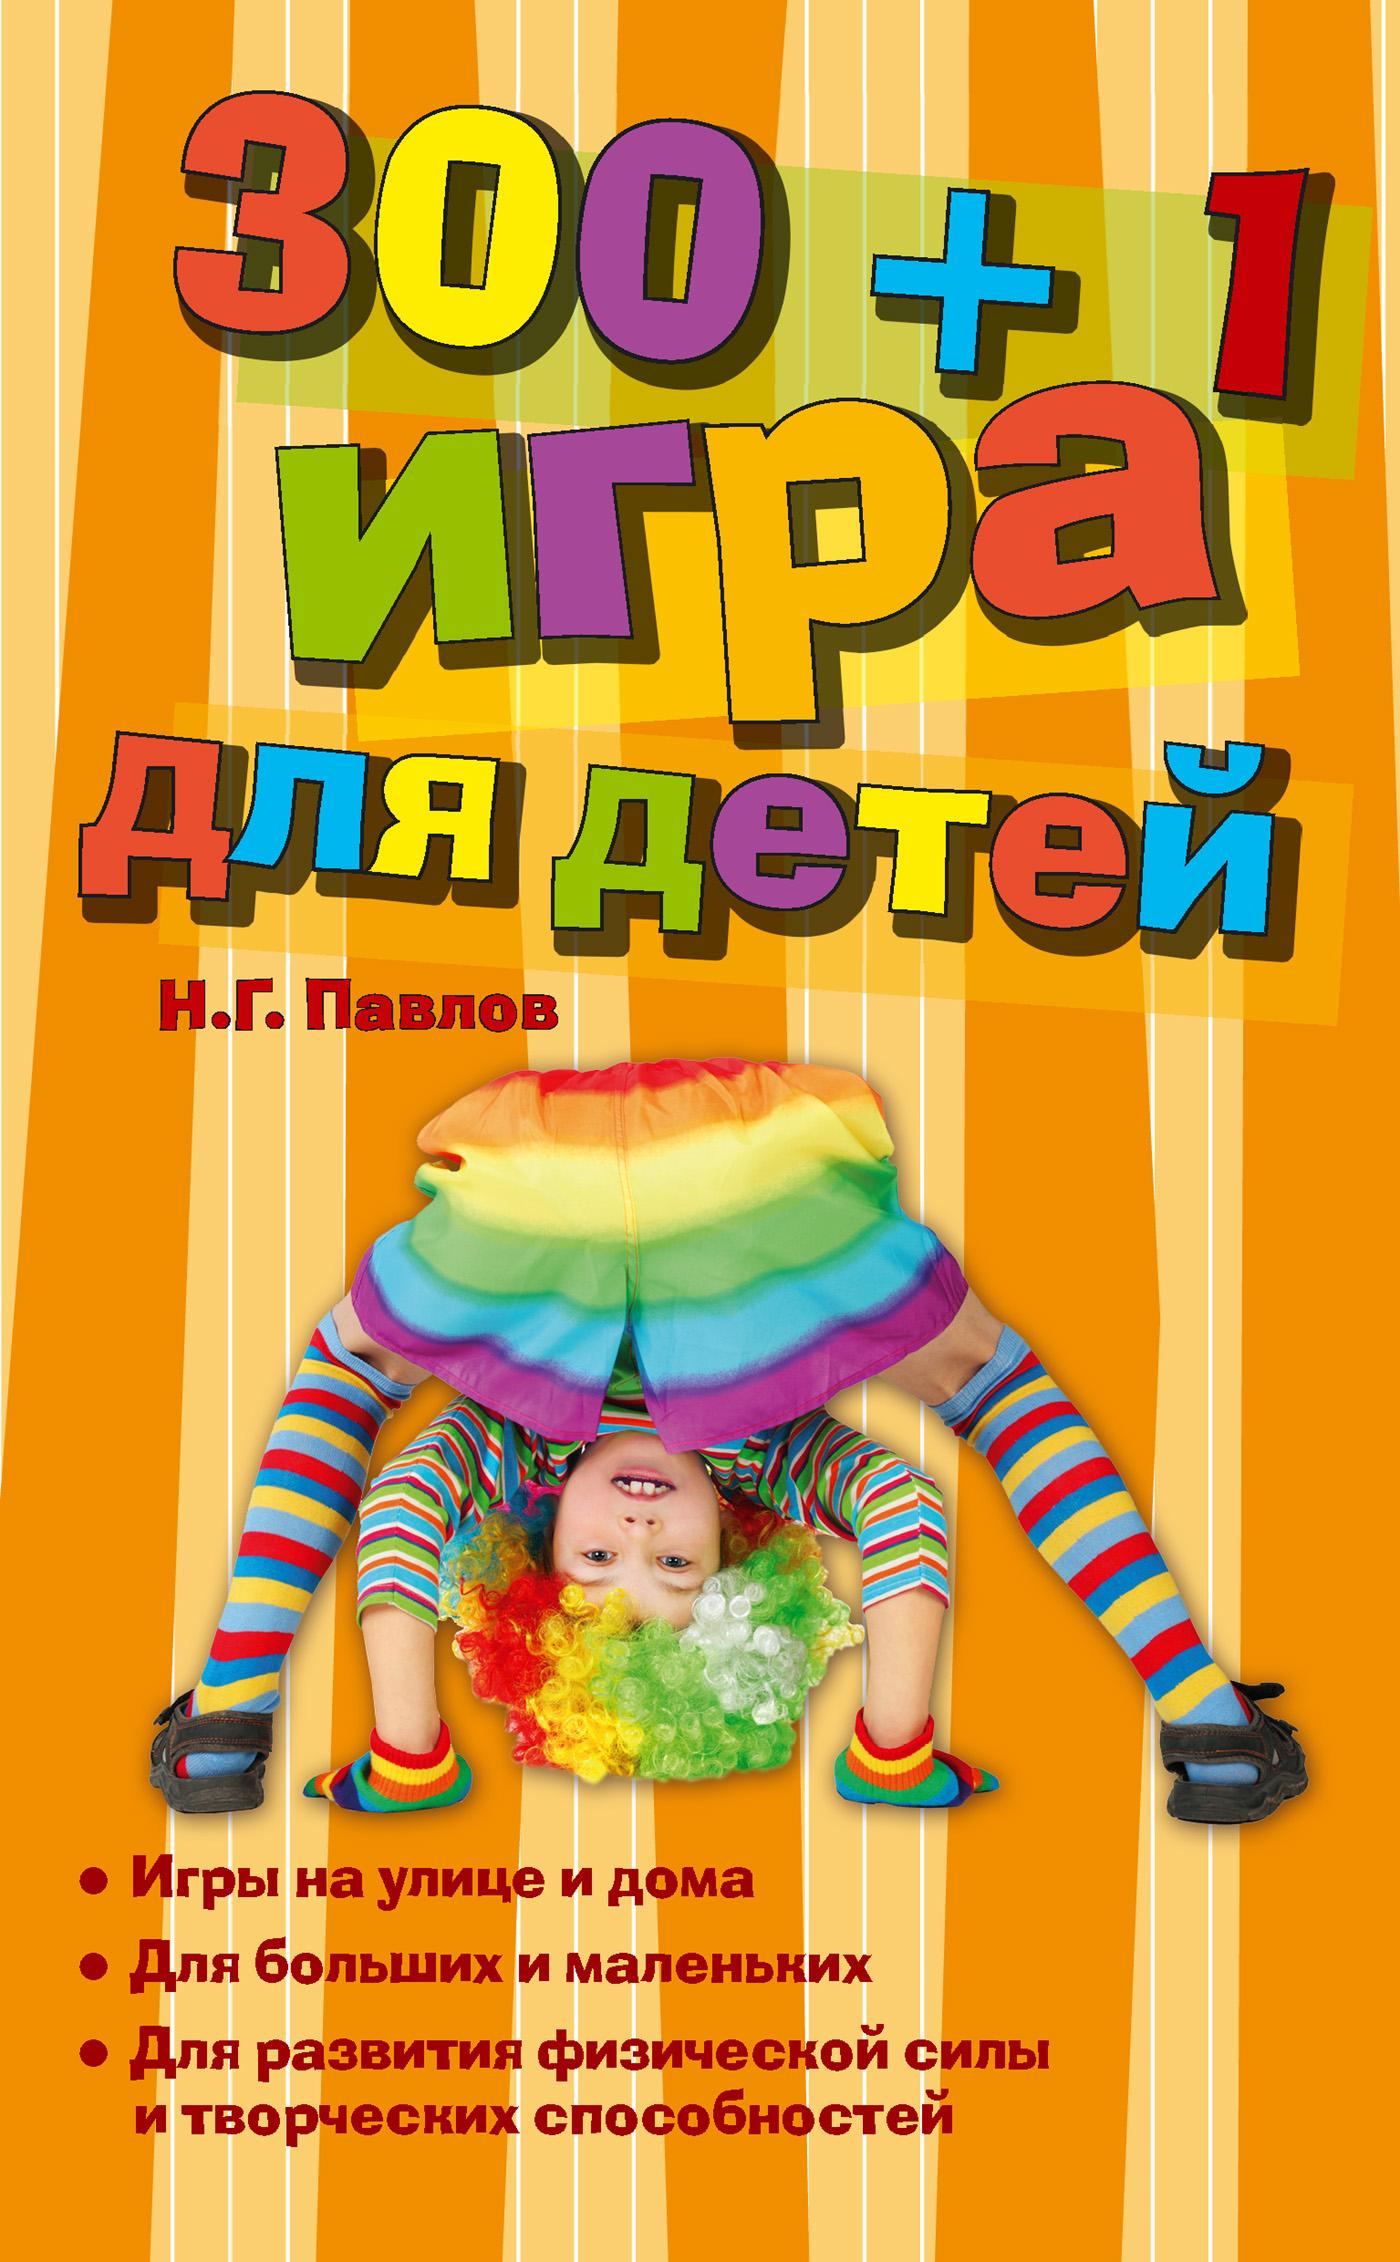 Николай Григорьевич Павлов 300 + 1 игра для детей павлов н 300 1 игра для детей